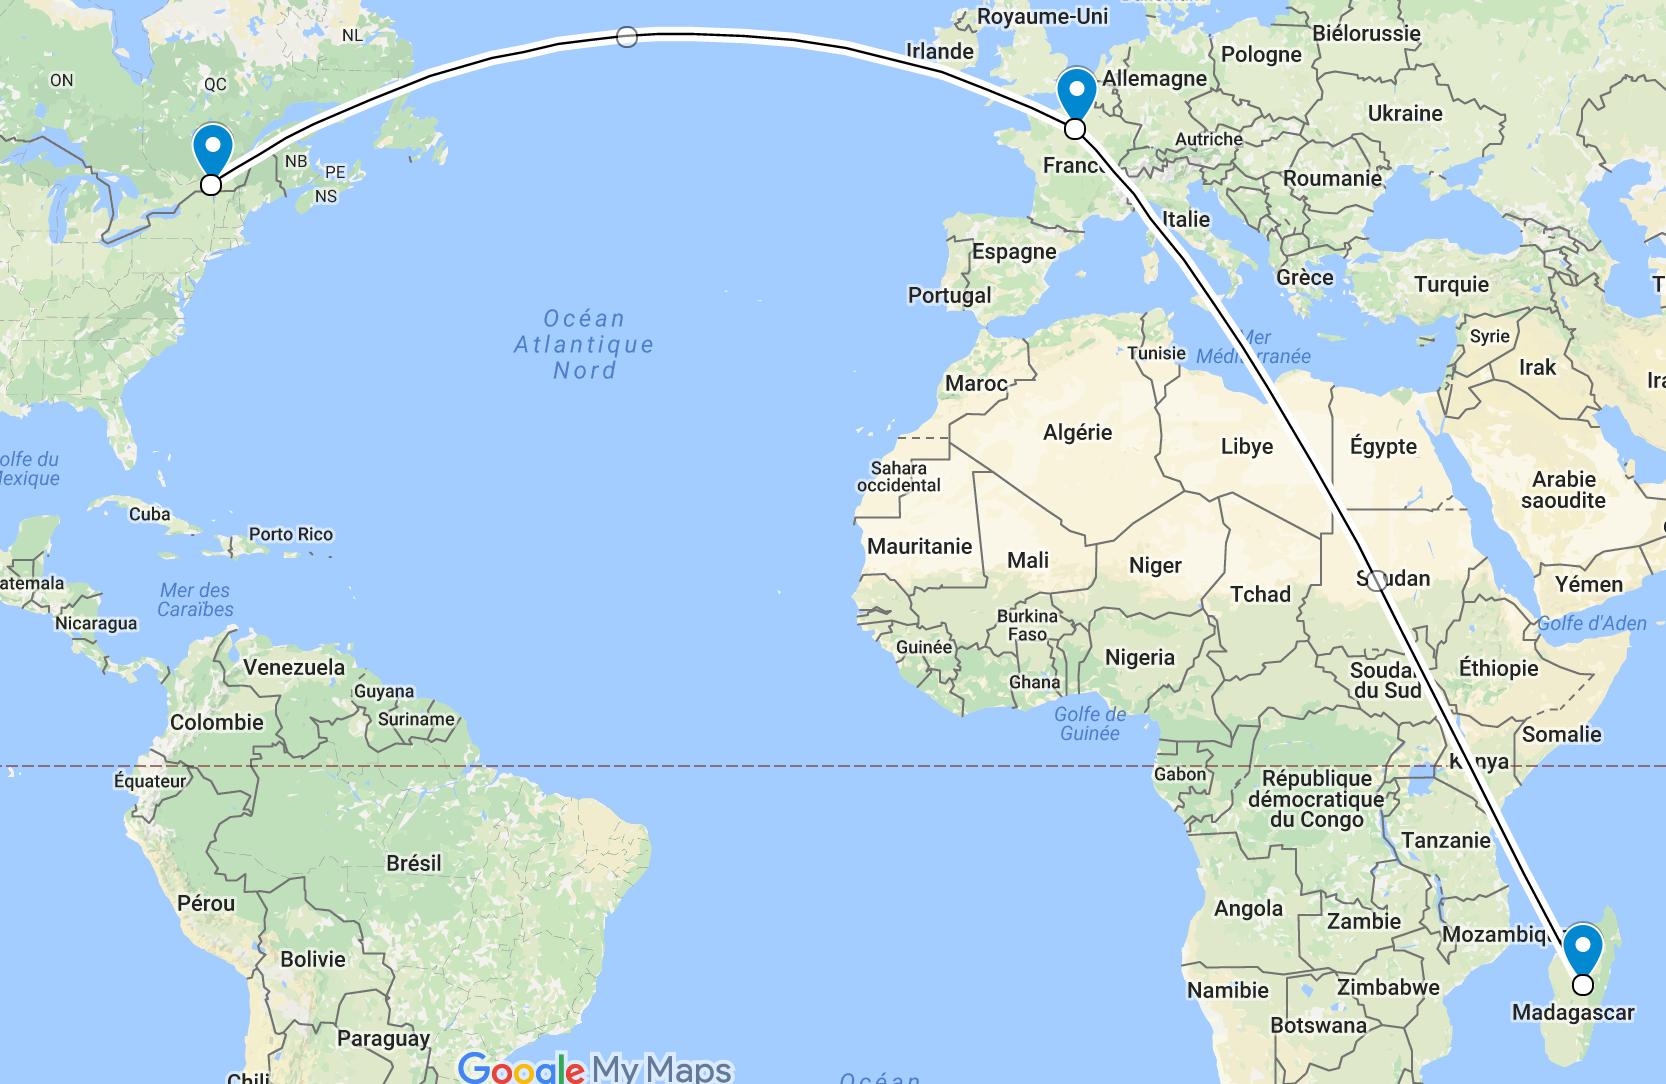 Carte d'itinéraire vers Madagascar avec Village Monde - Google Maps